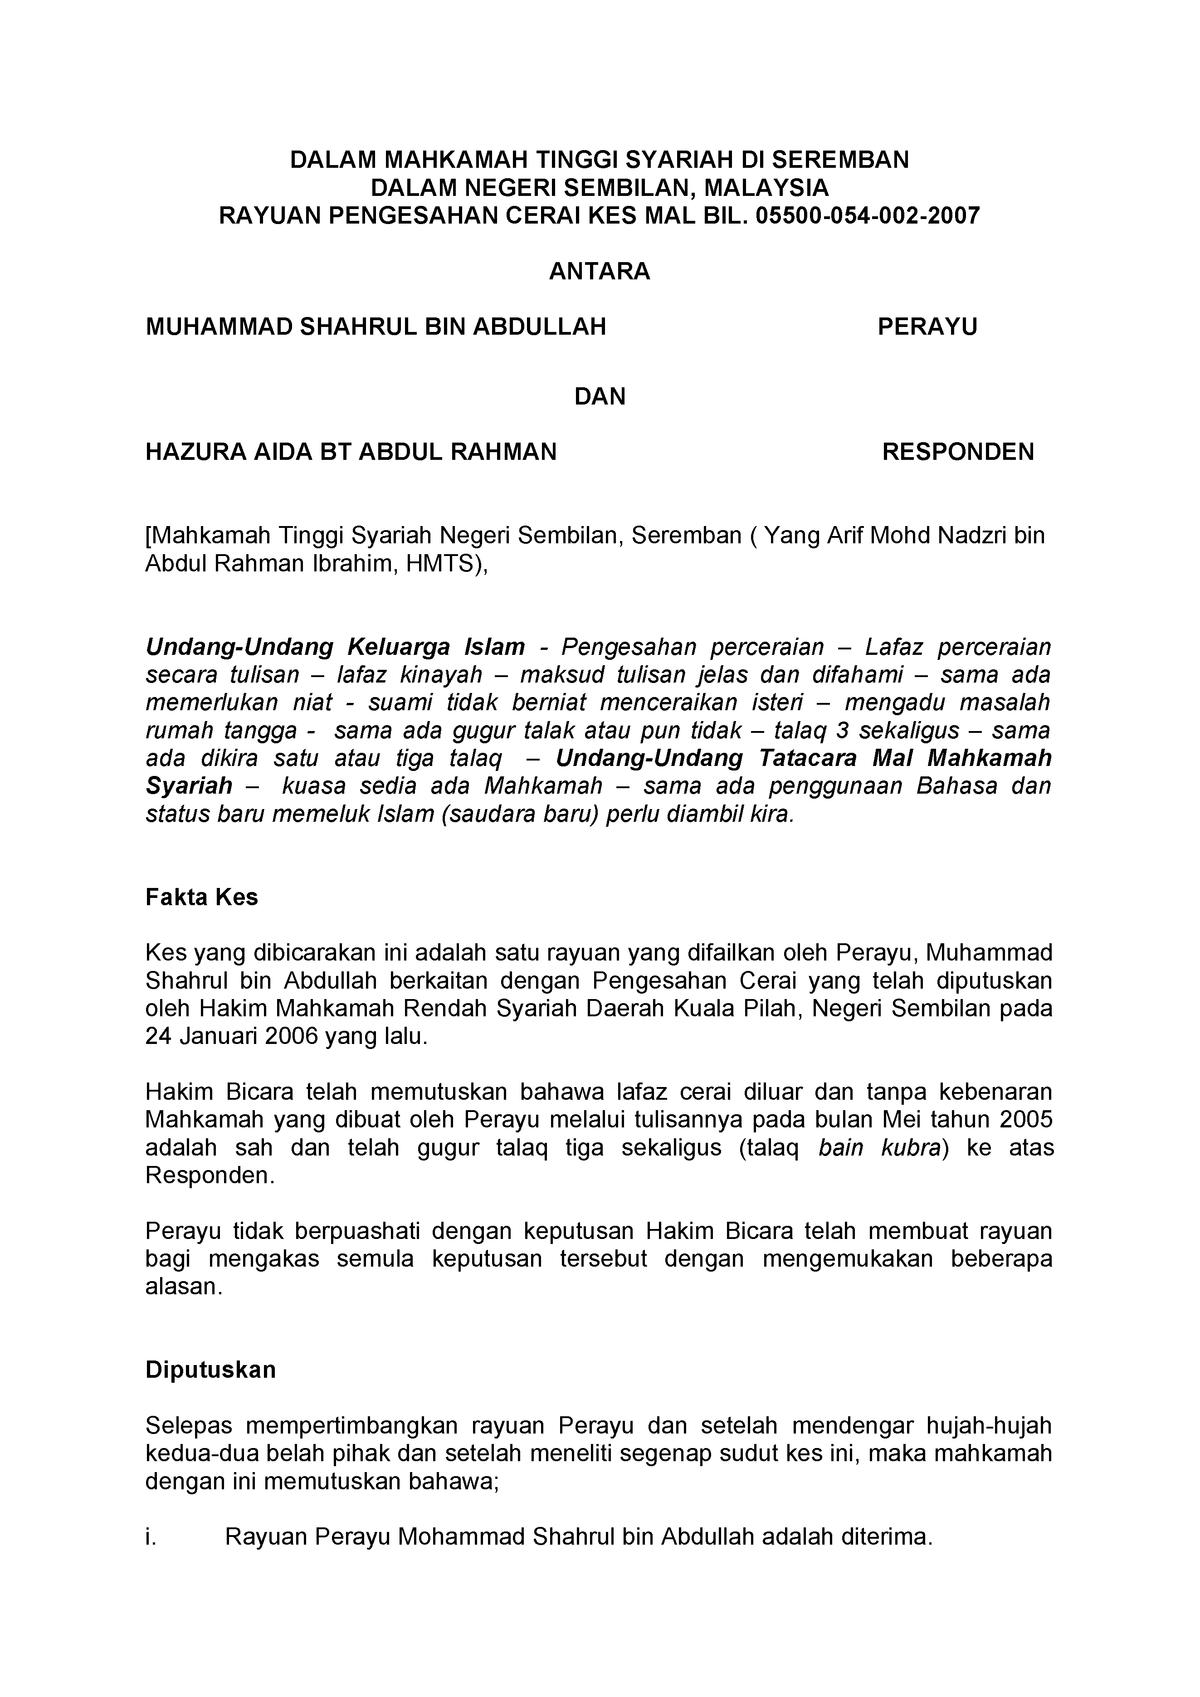 Kes Talaq Di Negeri Sembilan Islamic Family Law Law633 Studocu